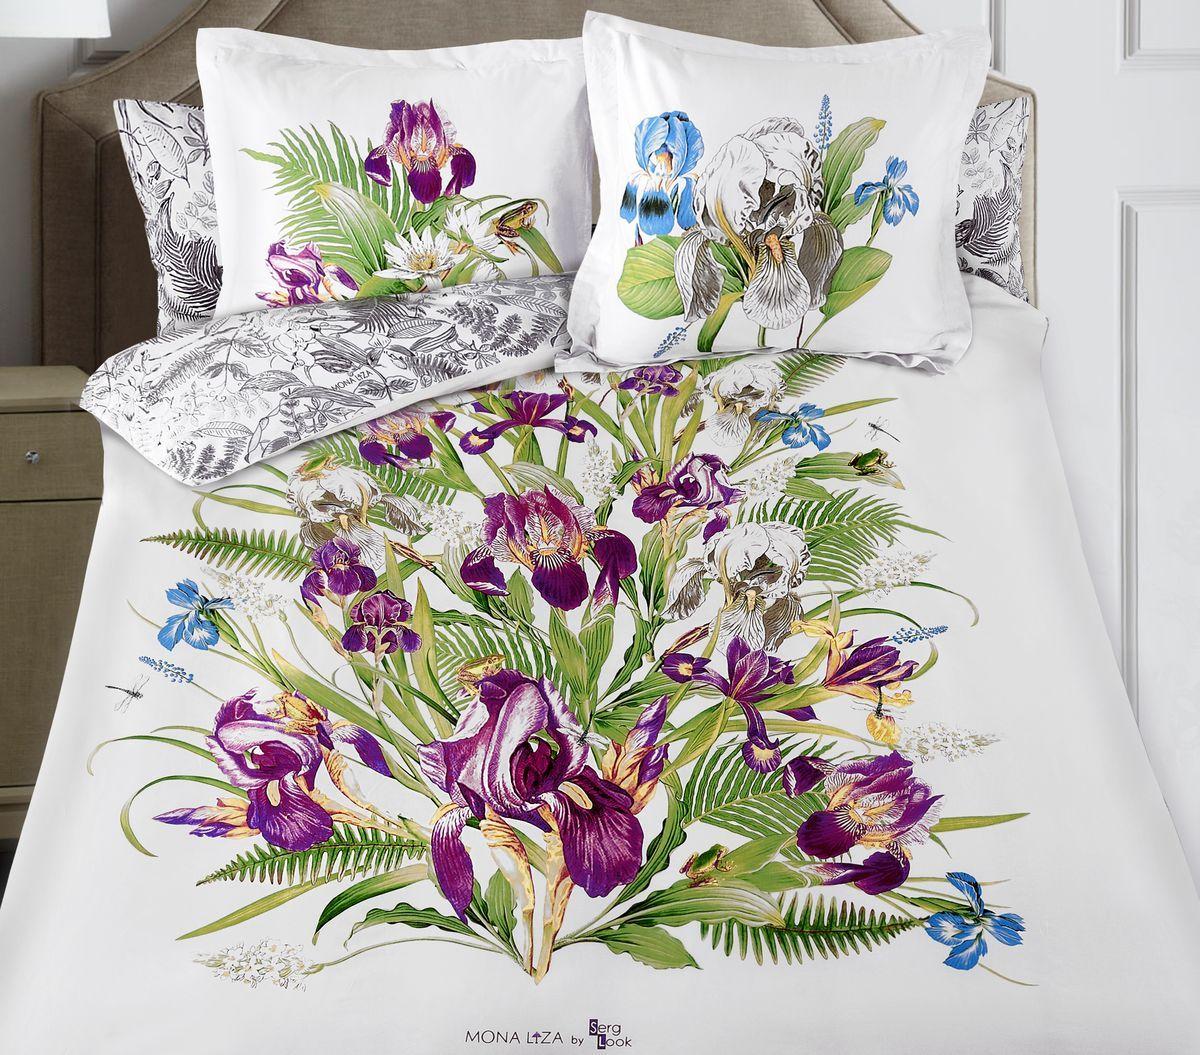 Комплект белья Mona Liza Iris, 2-спальное, наволочки 50x70 и 70x70 см8/7Флоральные мотивы редких экзотических цветов, переведенные в паттерн, позаимствованы из путешествий по тропическим лесам, будоражат воображение природными сочетаниями цветовых палитр и роскошью принтов. Коллекция принесет в ваш дом незабываемое настроение и добавит колорит. Высококачественный сатин окутает и позволит раствориться в мечтах о дальних жарких странах и окунуться во время вечного лета!